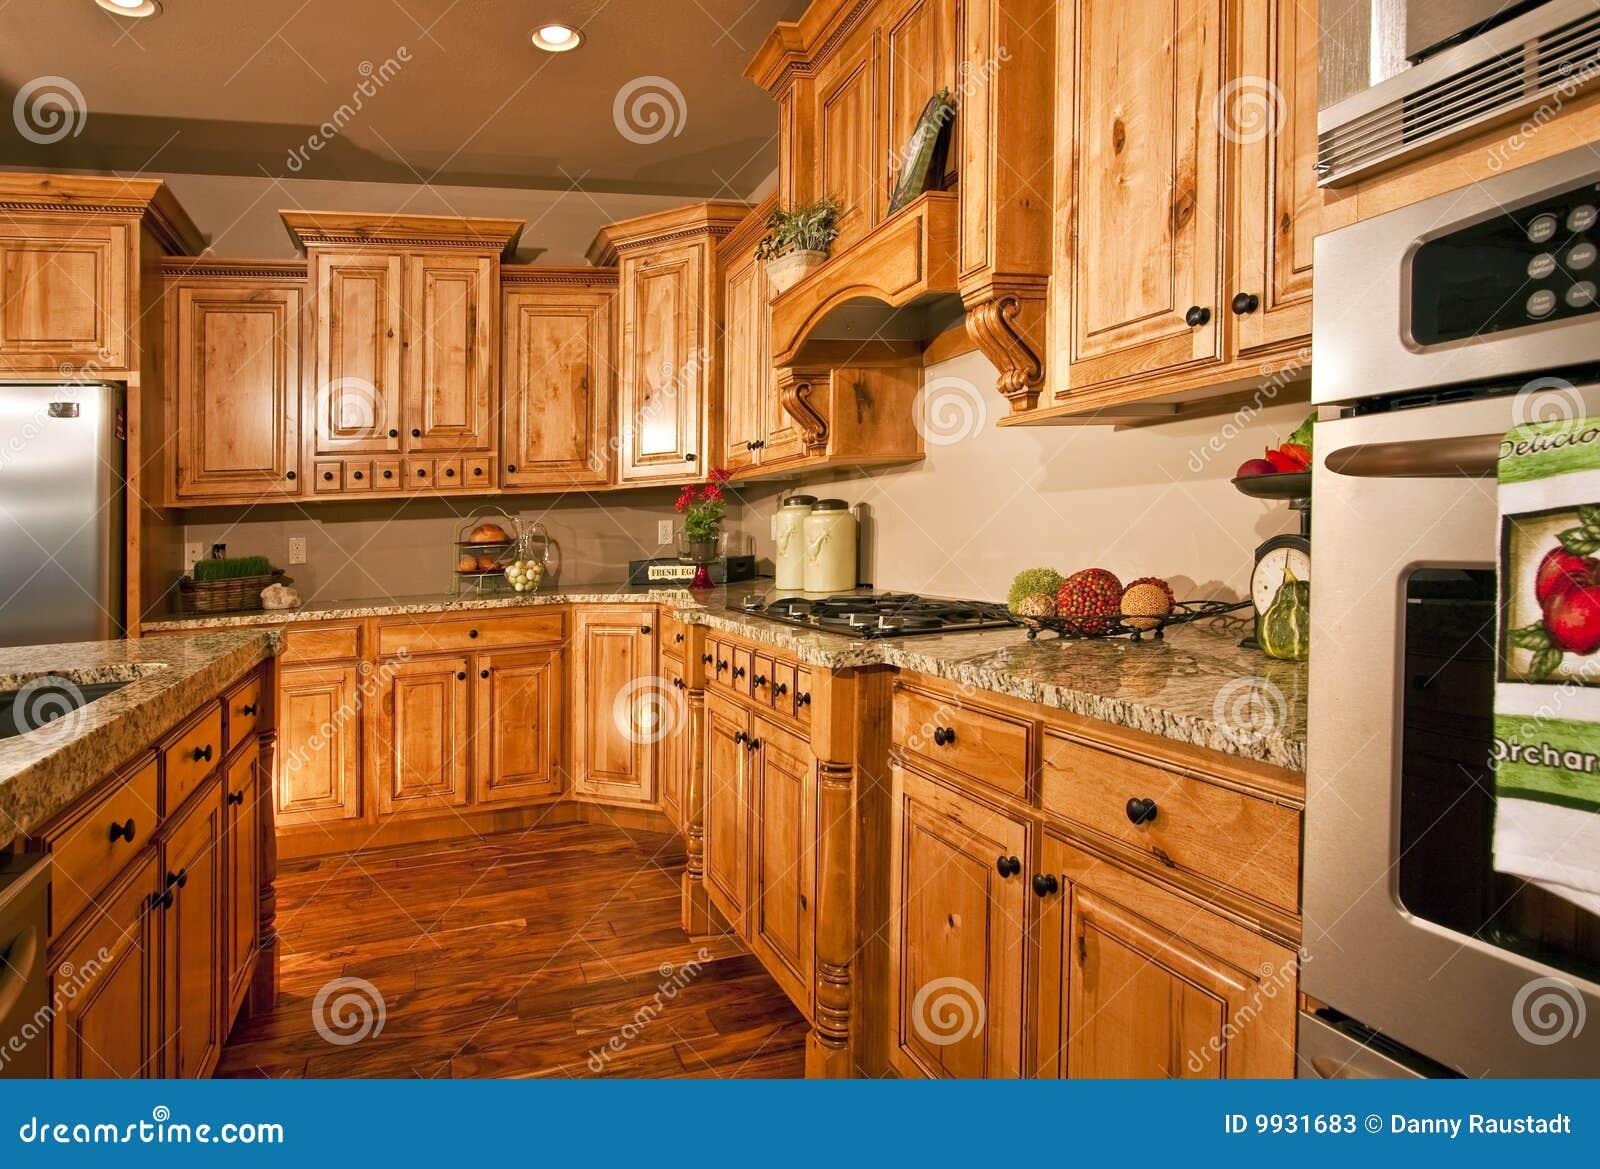 Cocina y aplicaciones modernas grandes imagen de archivo for Aplicacion para disenar cocinas